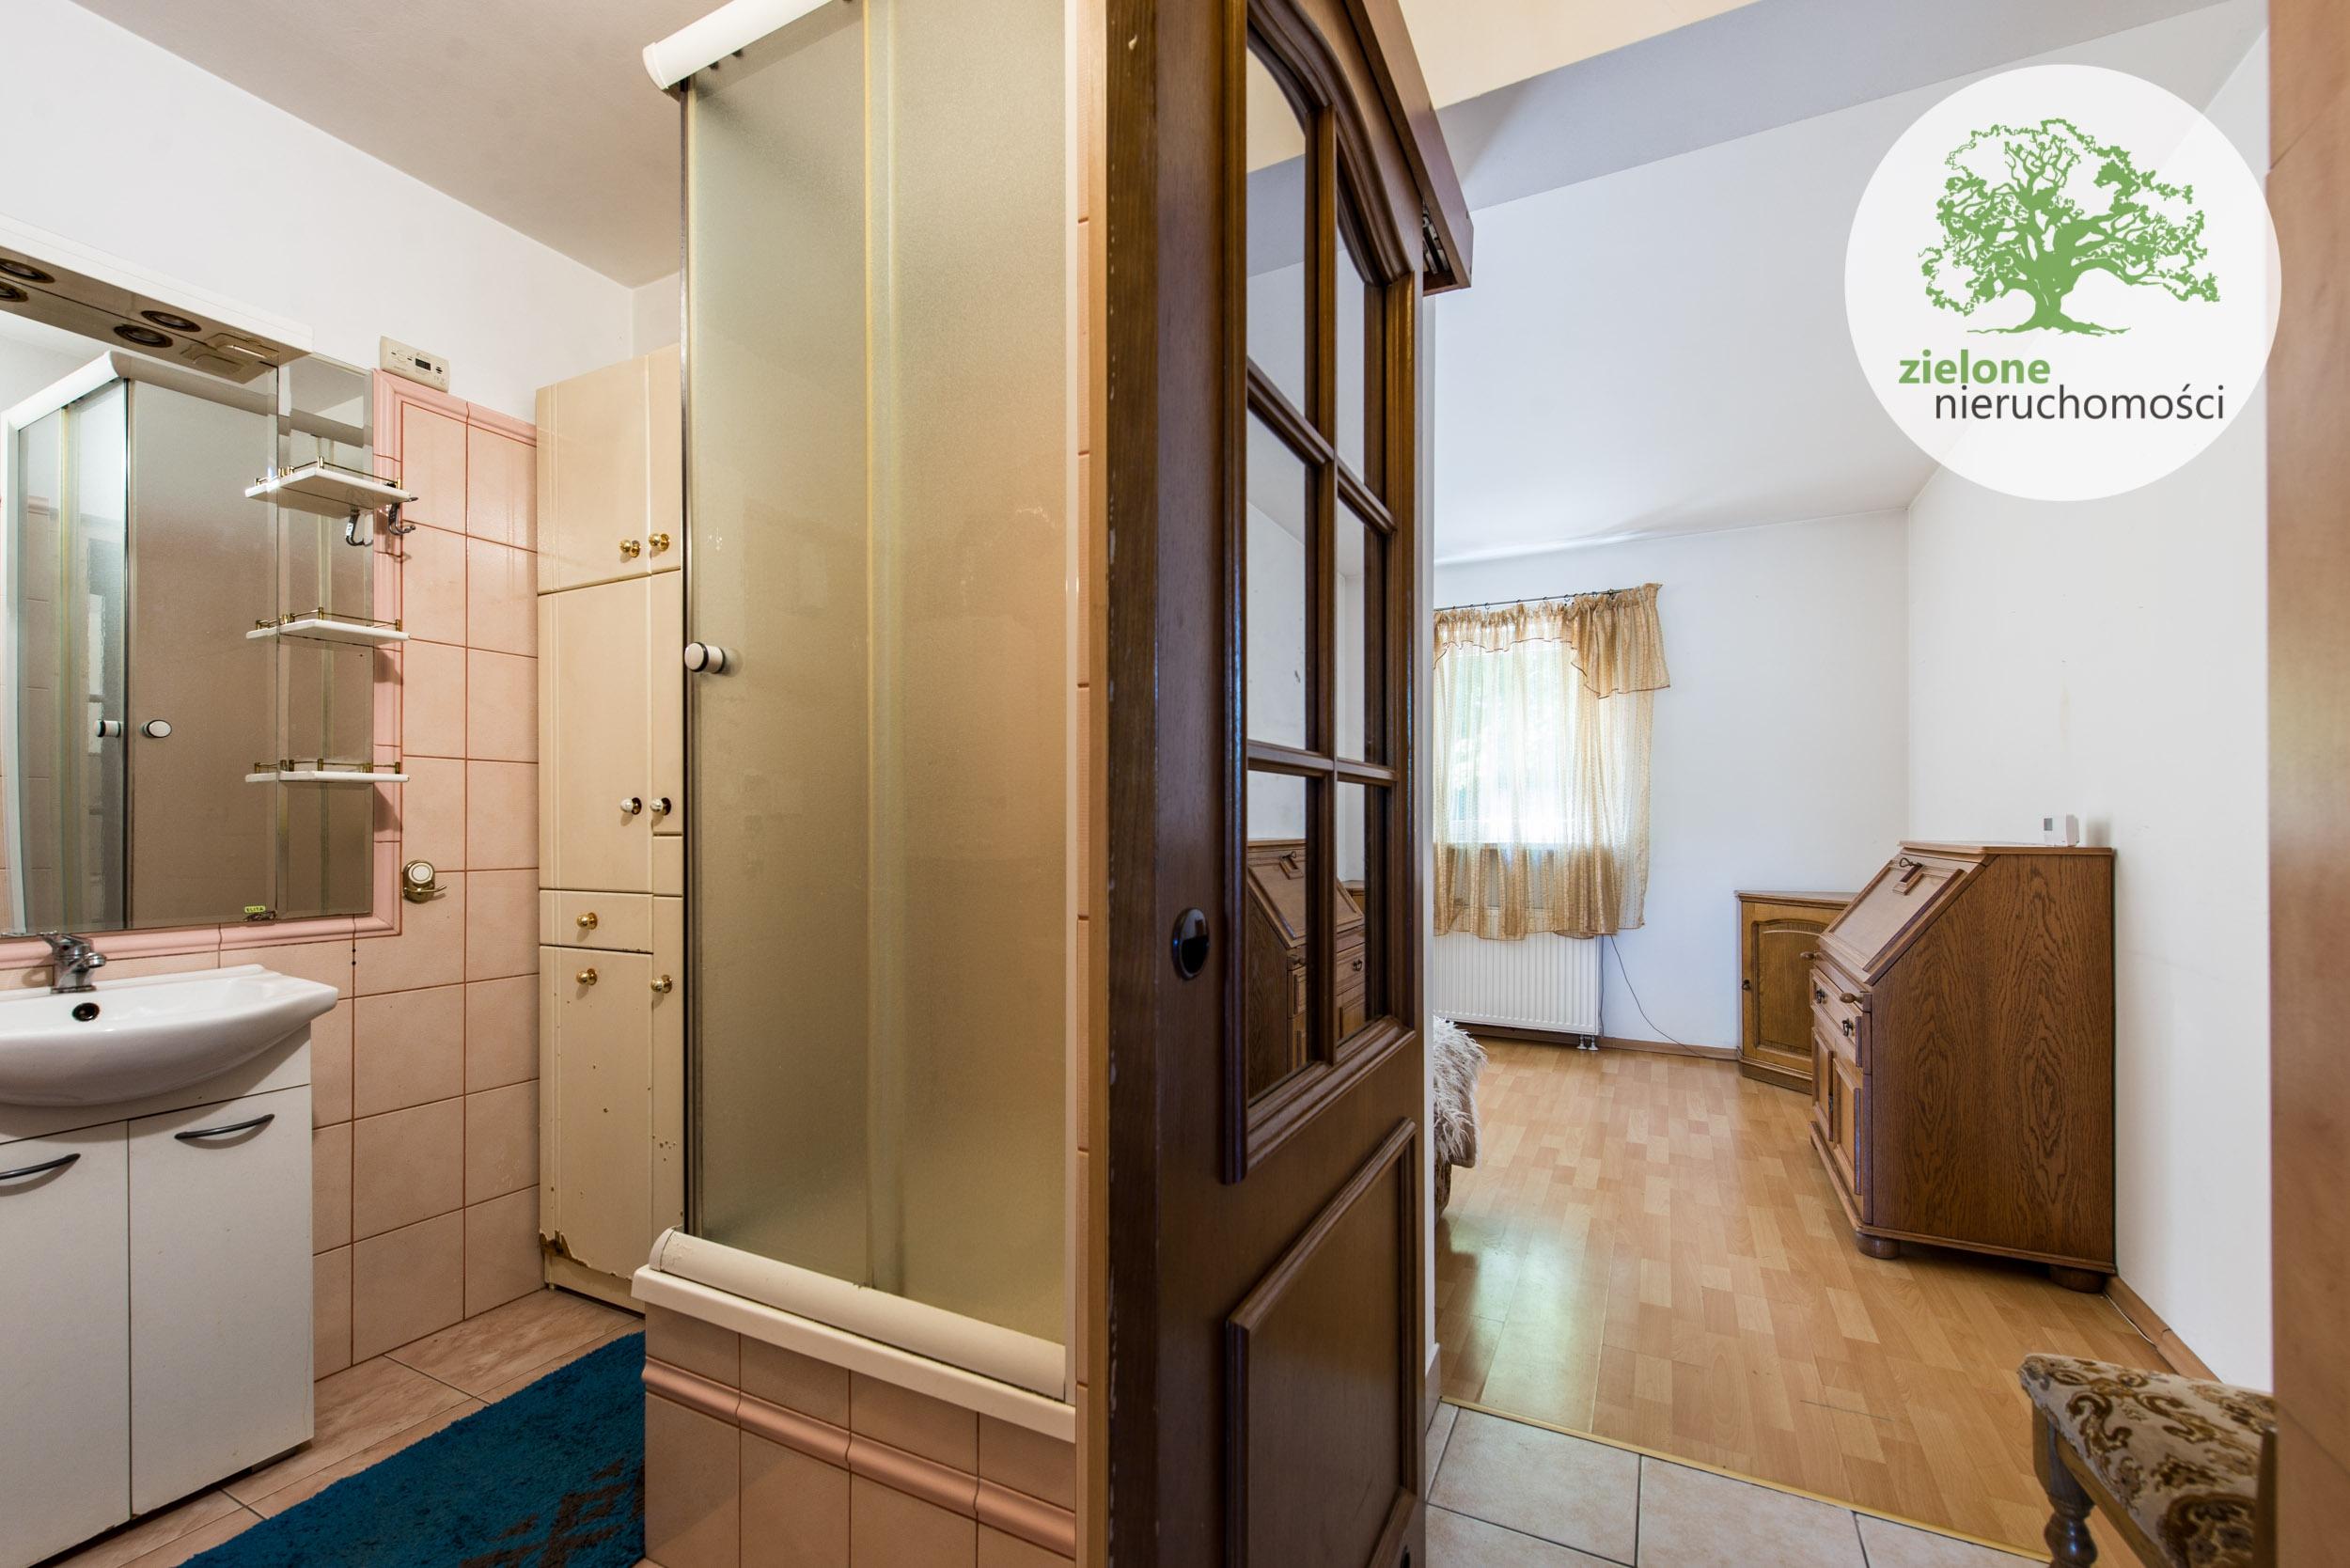 Zdjęcie 14Dwupokojowe mieszkanie TBS w zabudowie szeregowej